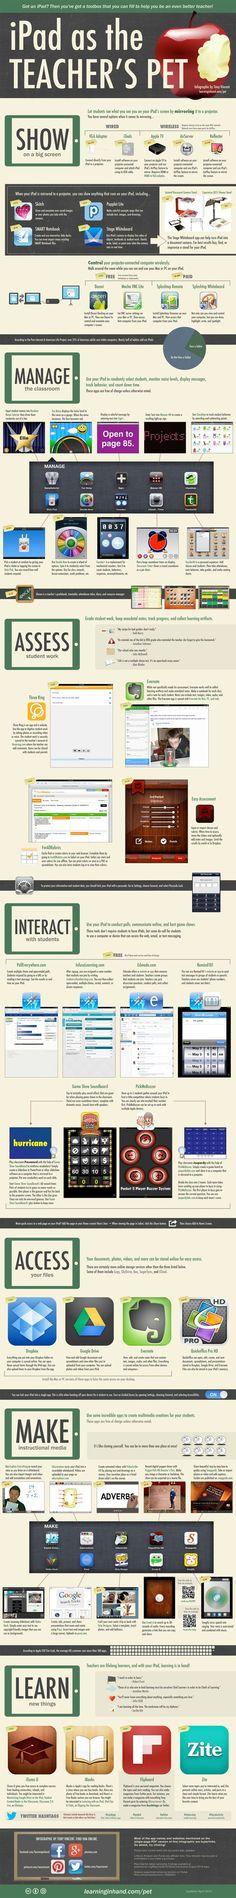 7 Ways To Use Your iPad In The Classroom #iPad